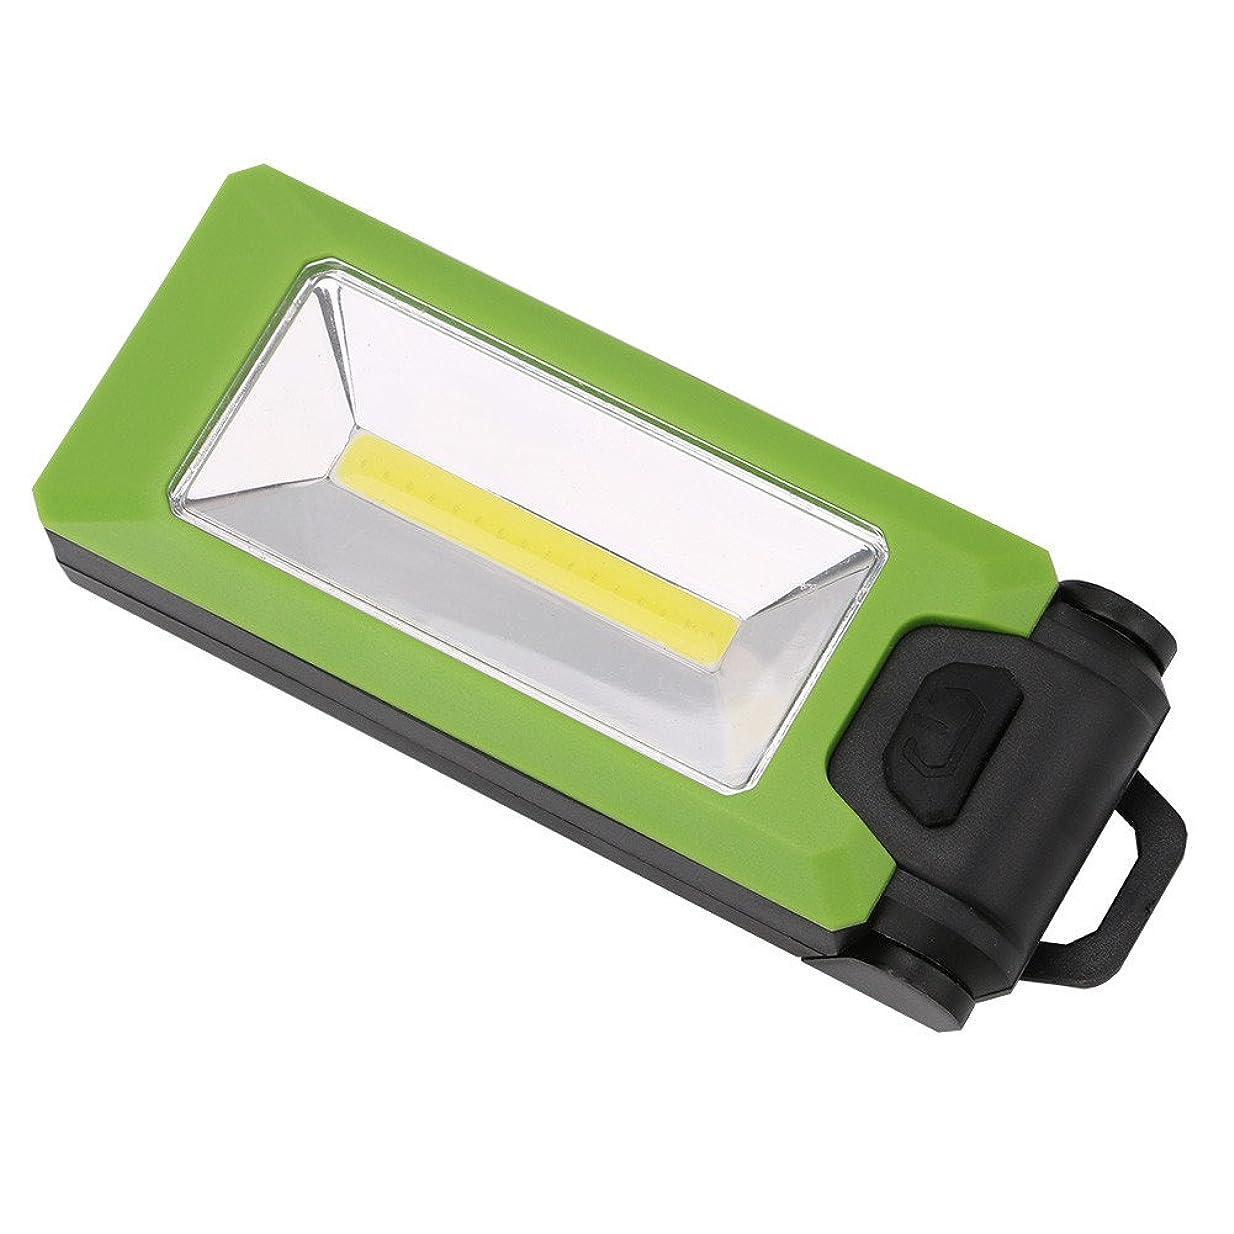 ファイバ囲むありがたいRegoss (レジス) 懐中電灯COB LED懐中電灯ワークライトマグネット折りたたみフックハンギングランプ 環境を守ること、緊急トーチ 強力 防水 ラジオ 携帯 充電器 小型軽量 多用途 SOS点滅 停電 防災対策